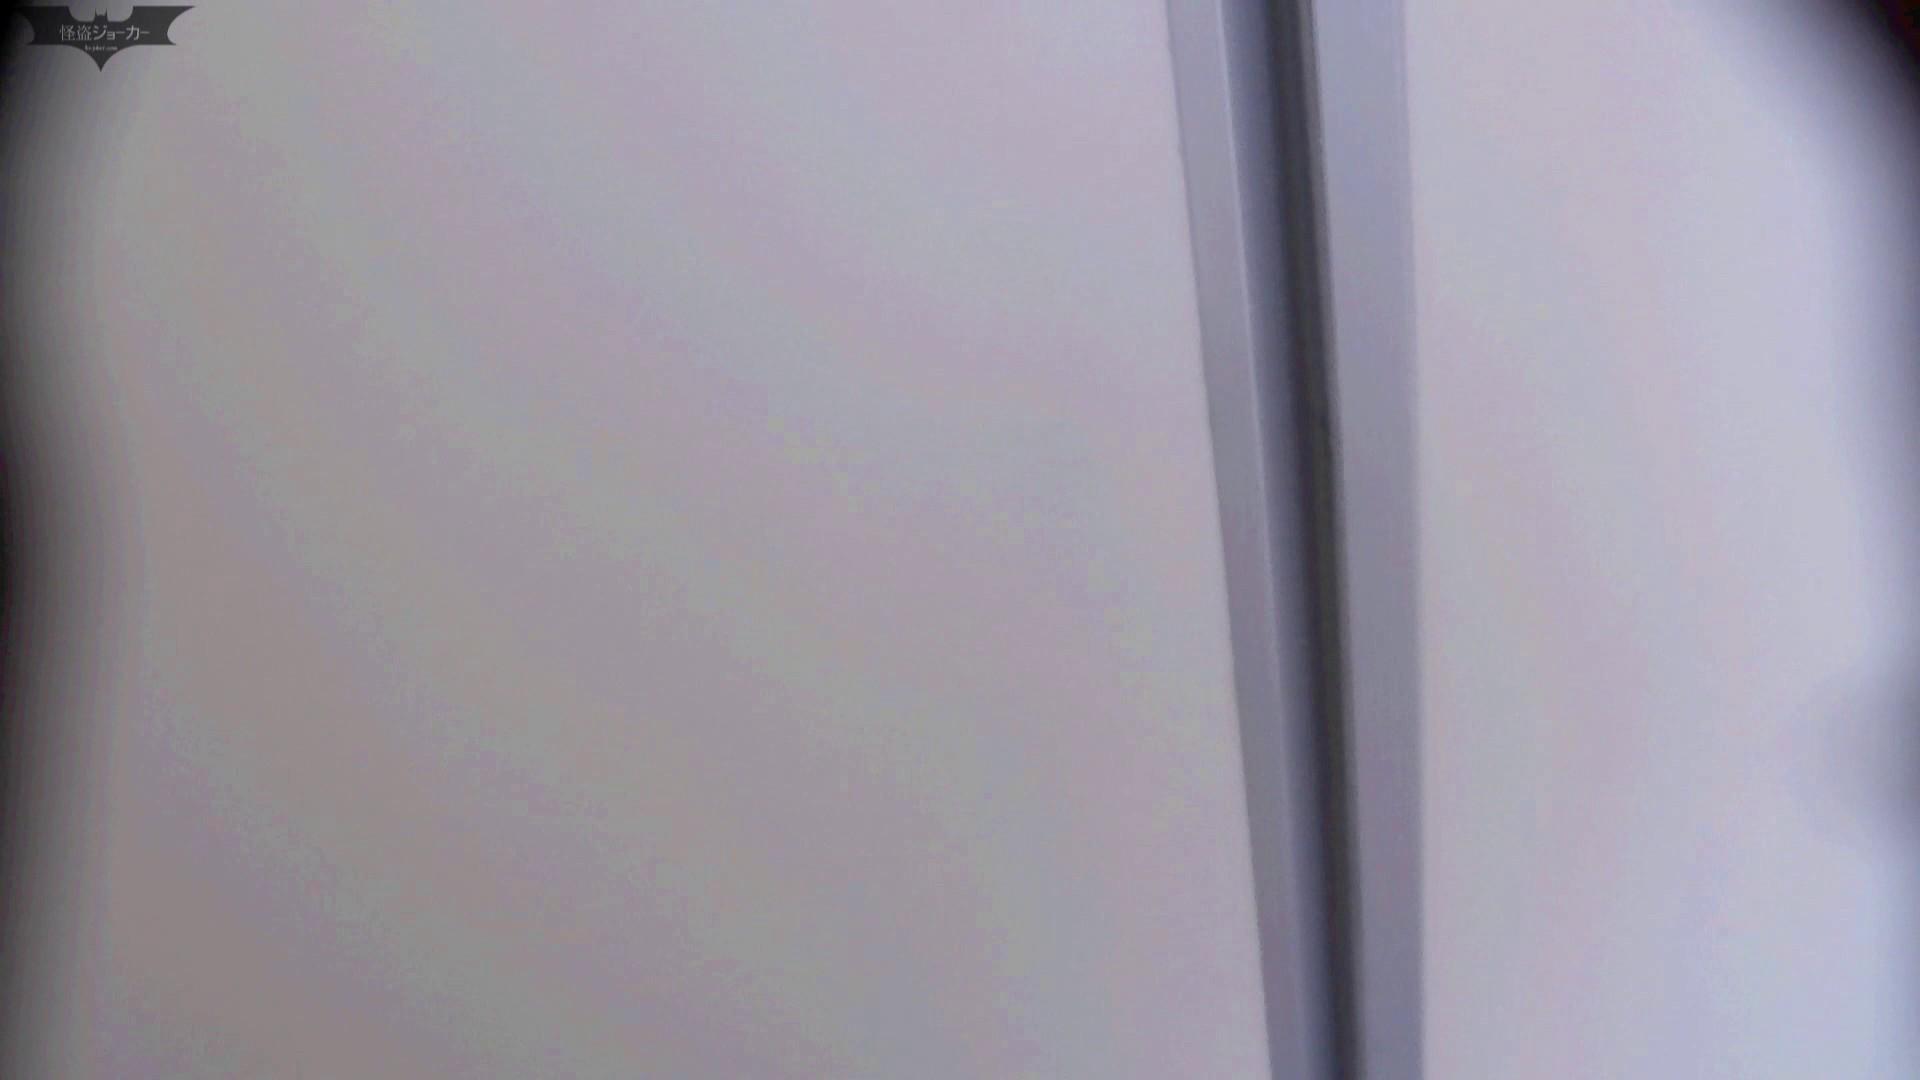 お銀 vol.68 無謀に通路に飛び出て一番明るいフロント撮り実現、見所満載 美人  103pic 68